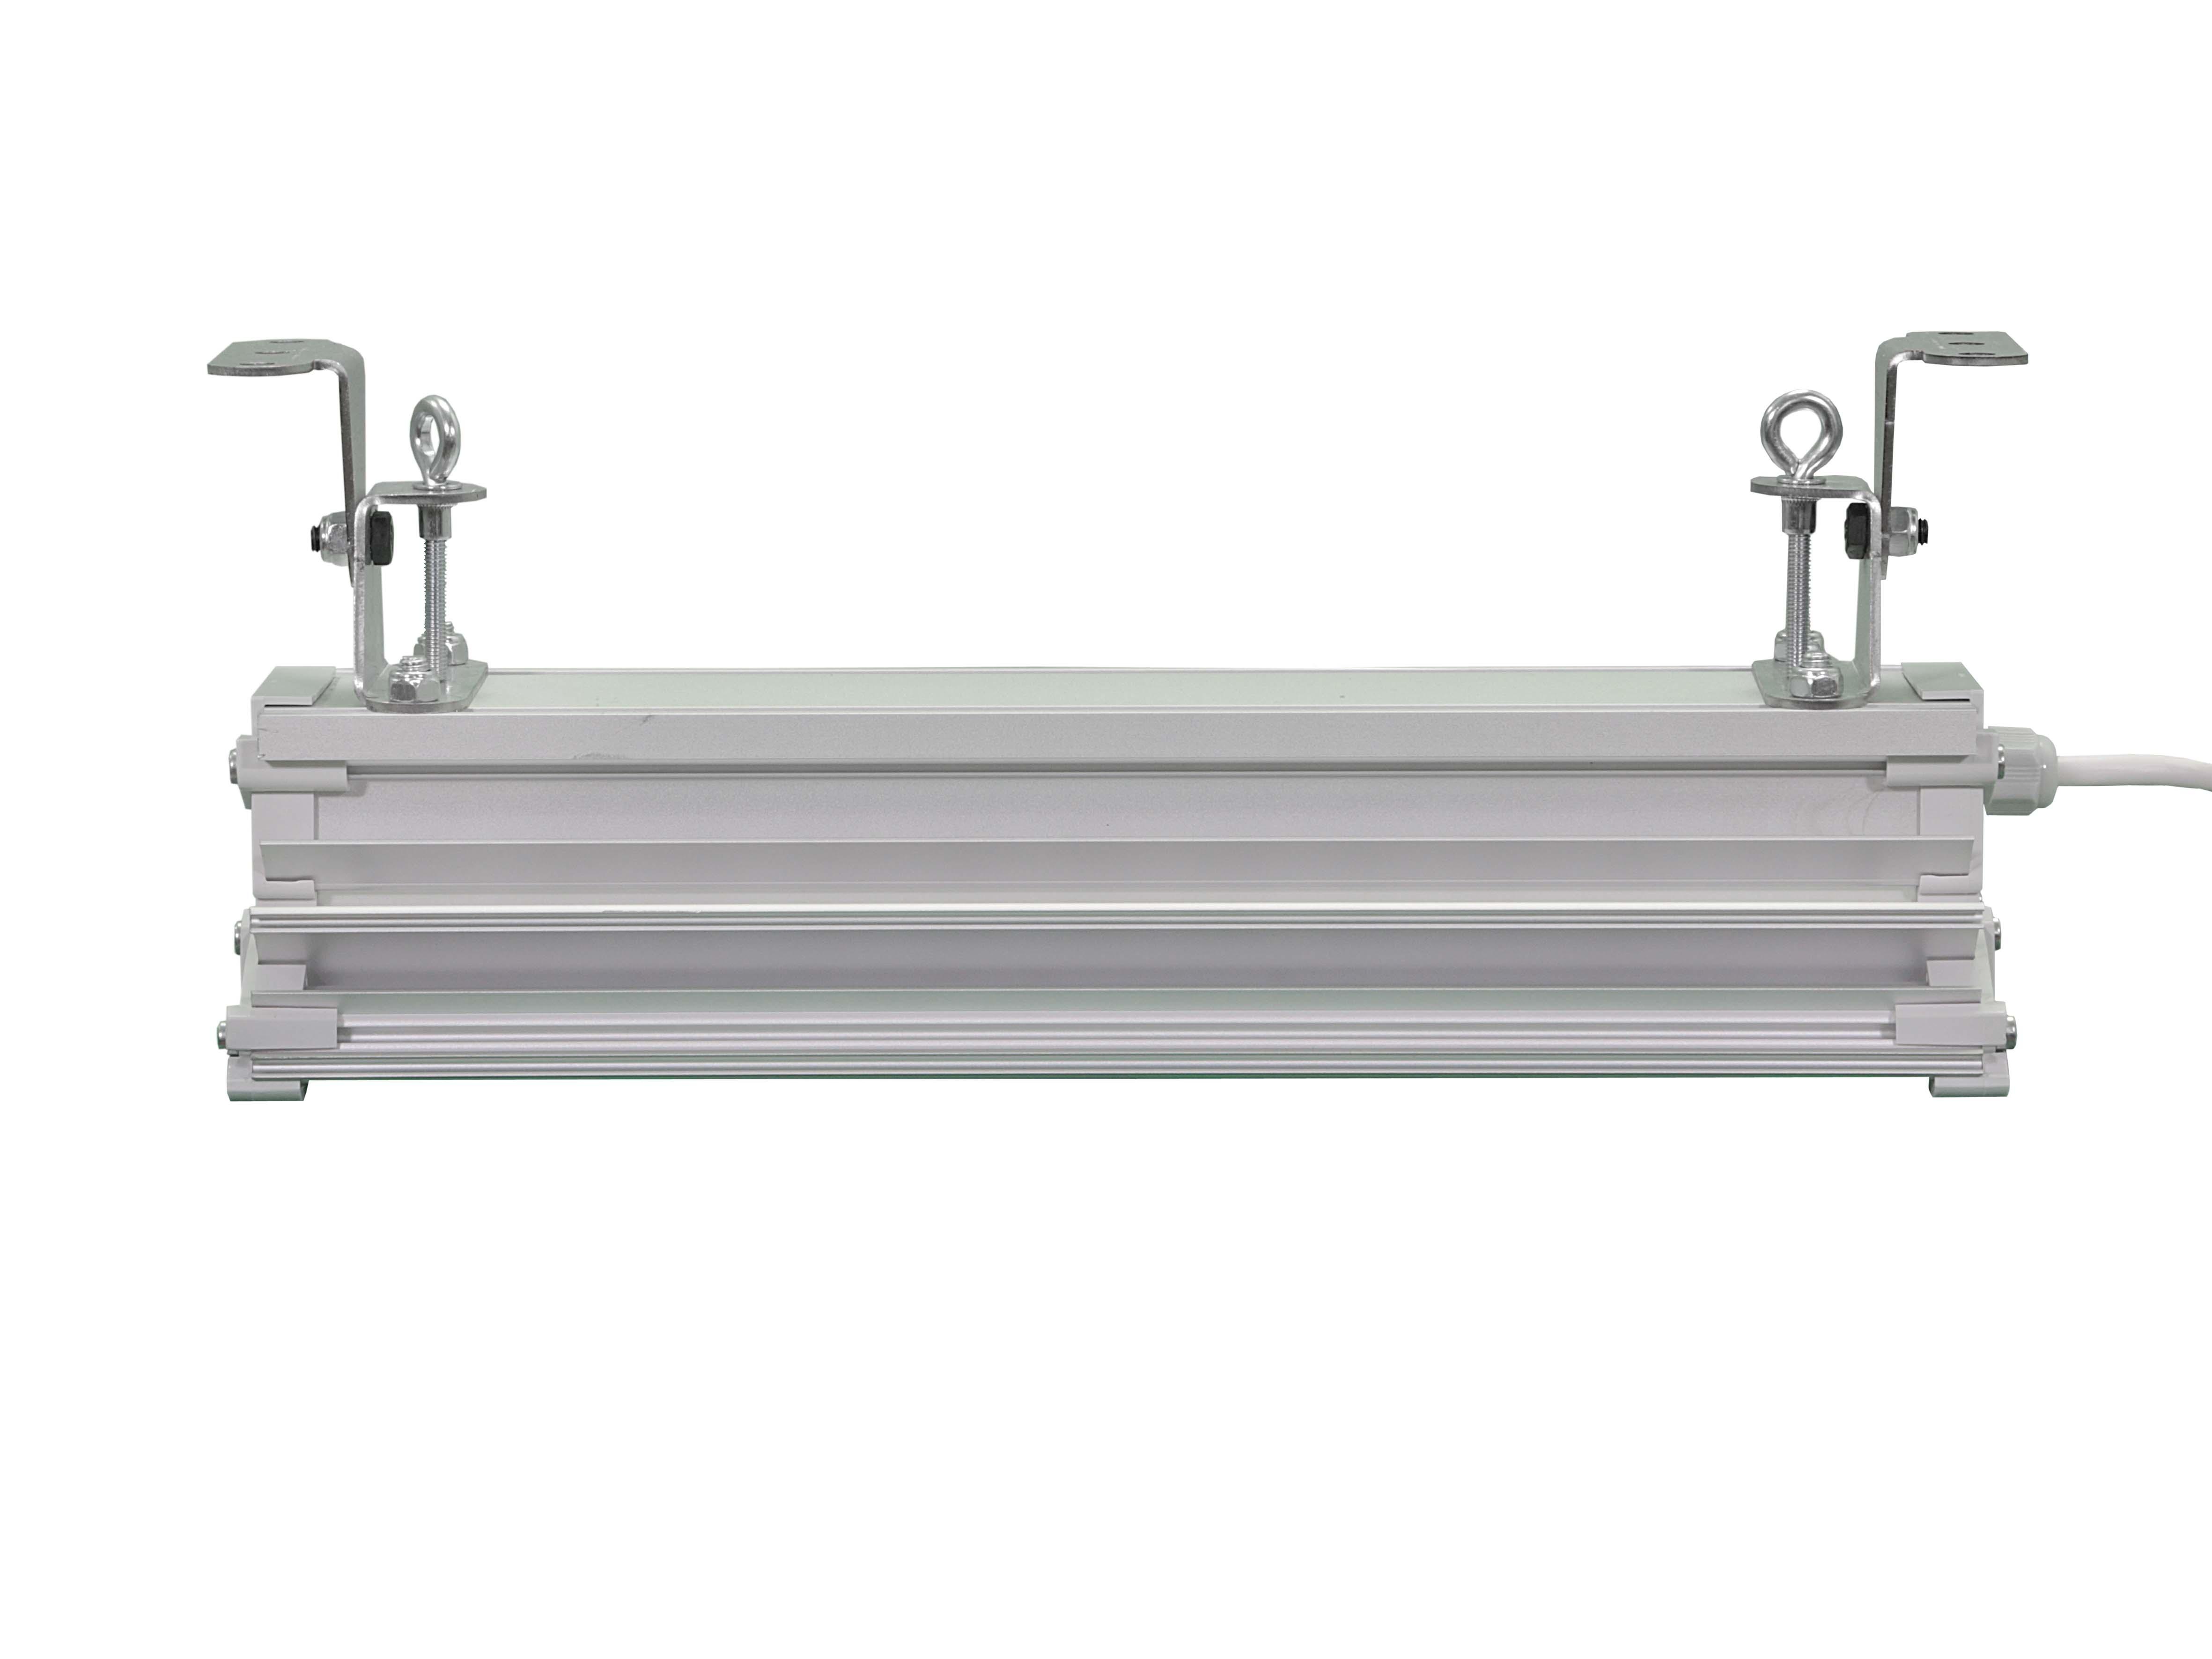 Промышленный светодиодный светильник ДСП-Алюм-35 Стандарт 35Вт 3318Лм